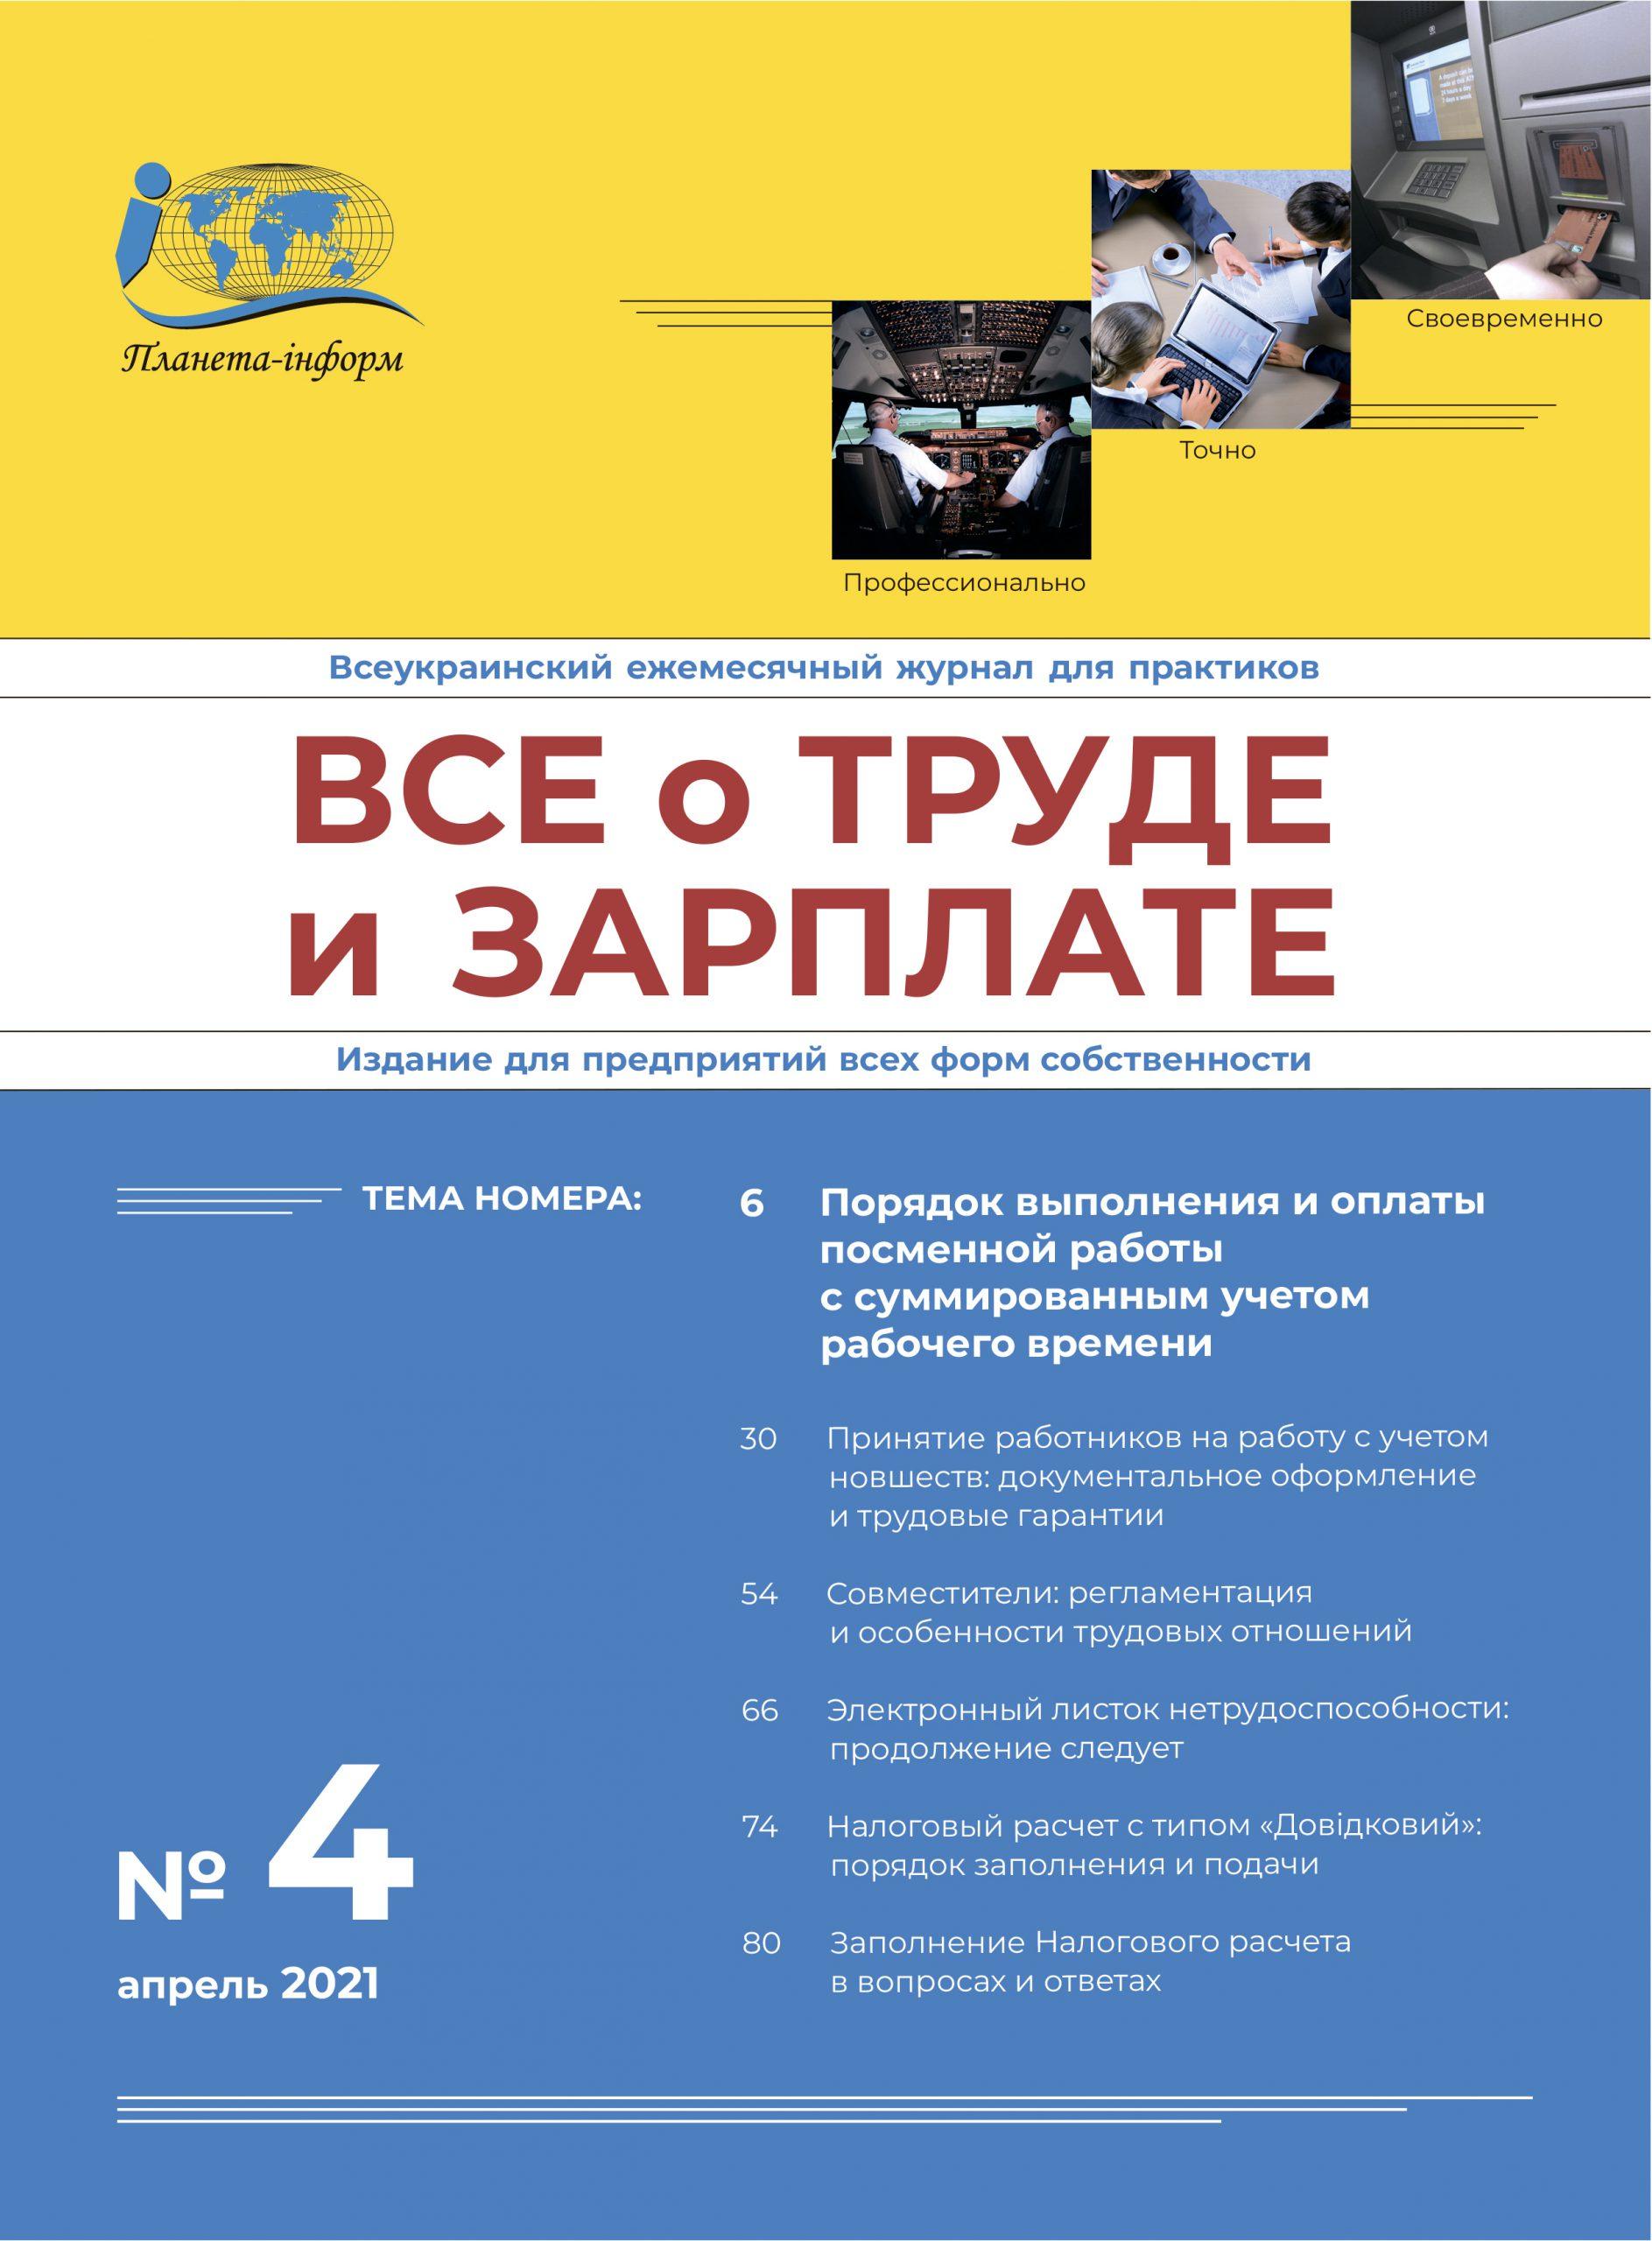 Журнал «Все о труде и зарплате» № 4/2021